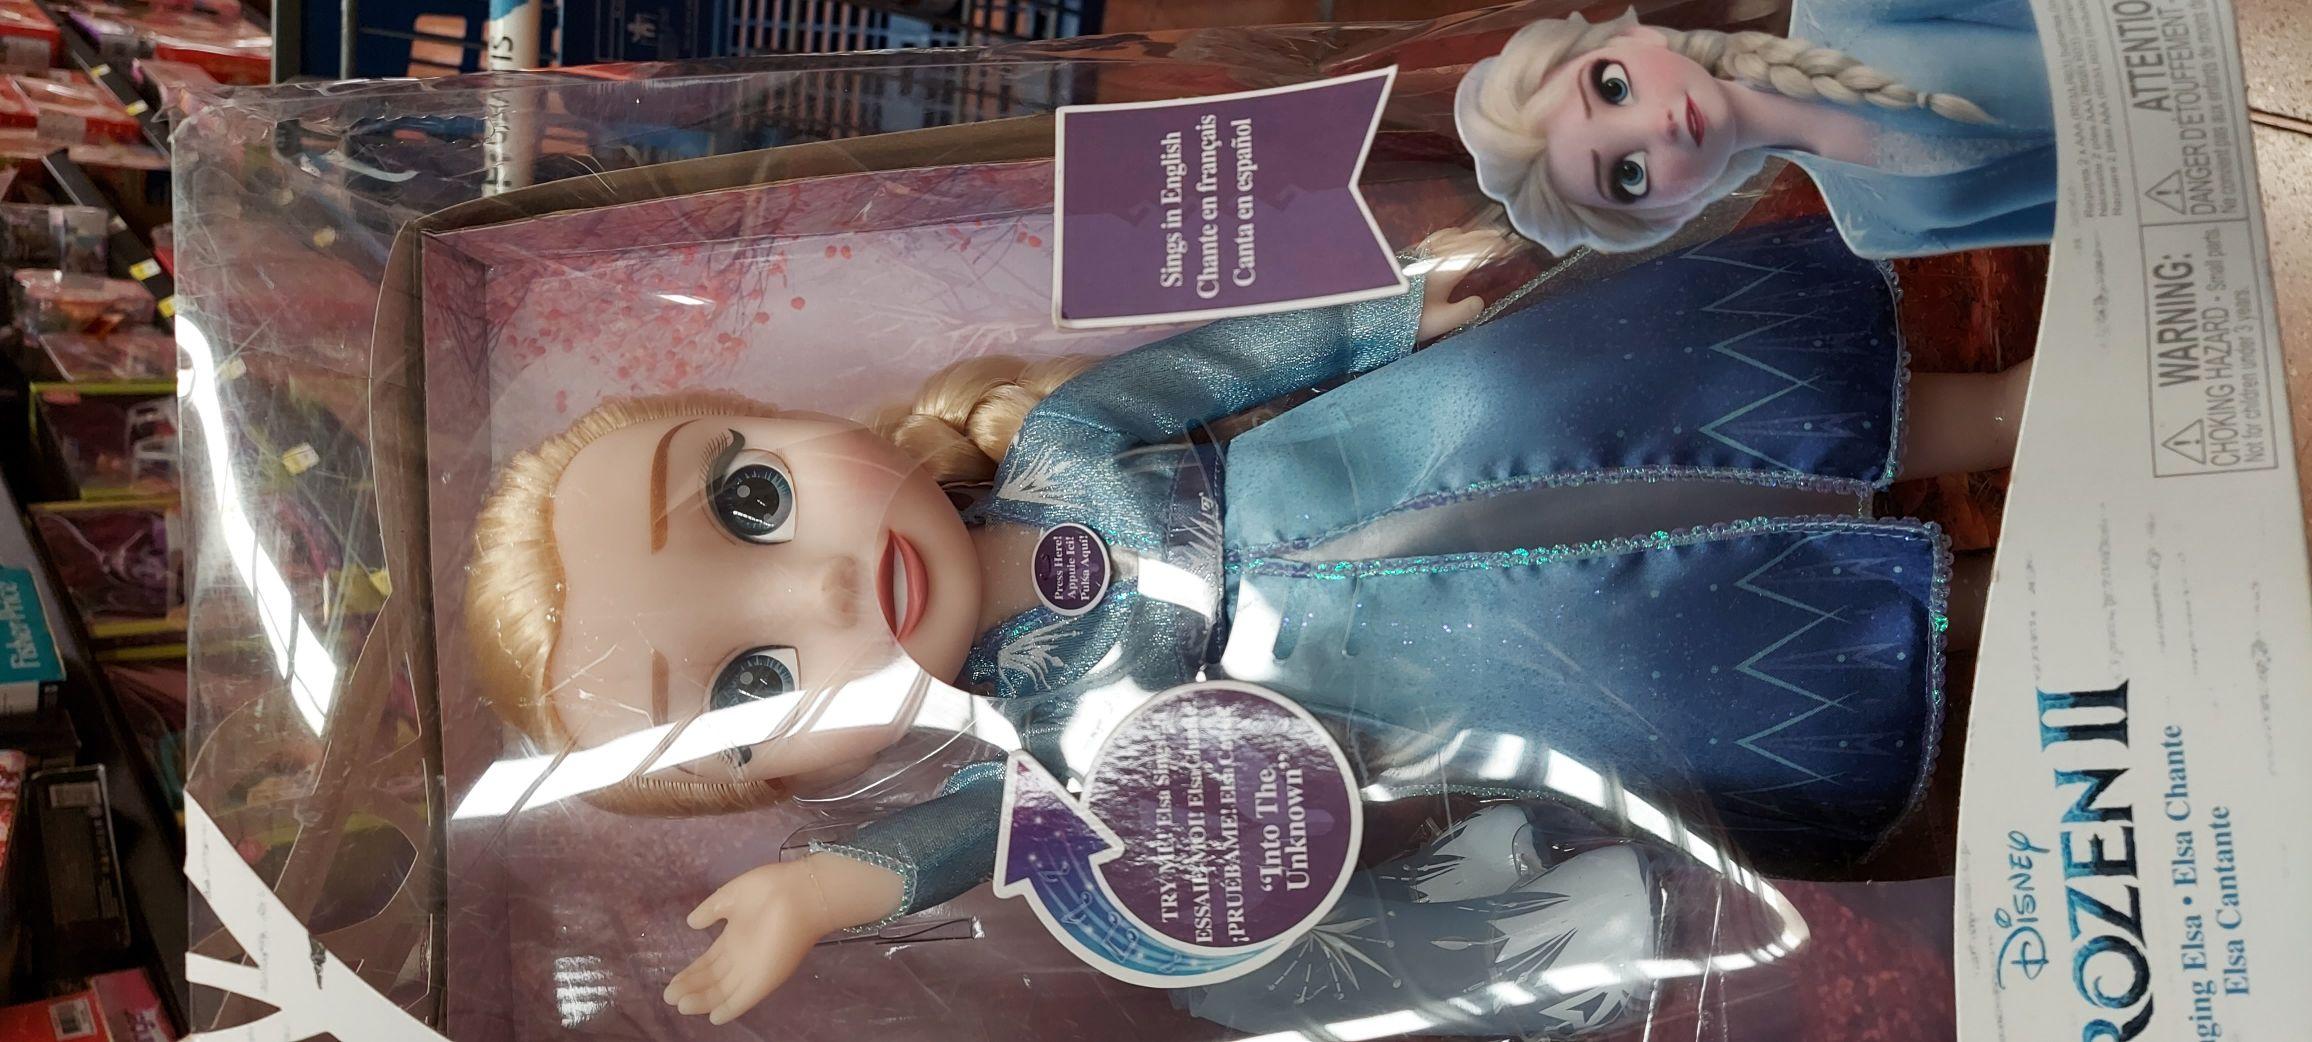 Walmart: Frozen 2 Elsa